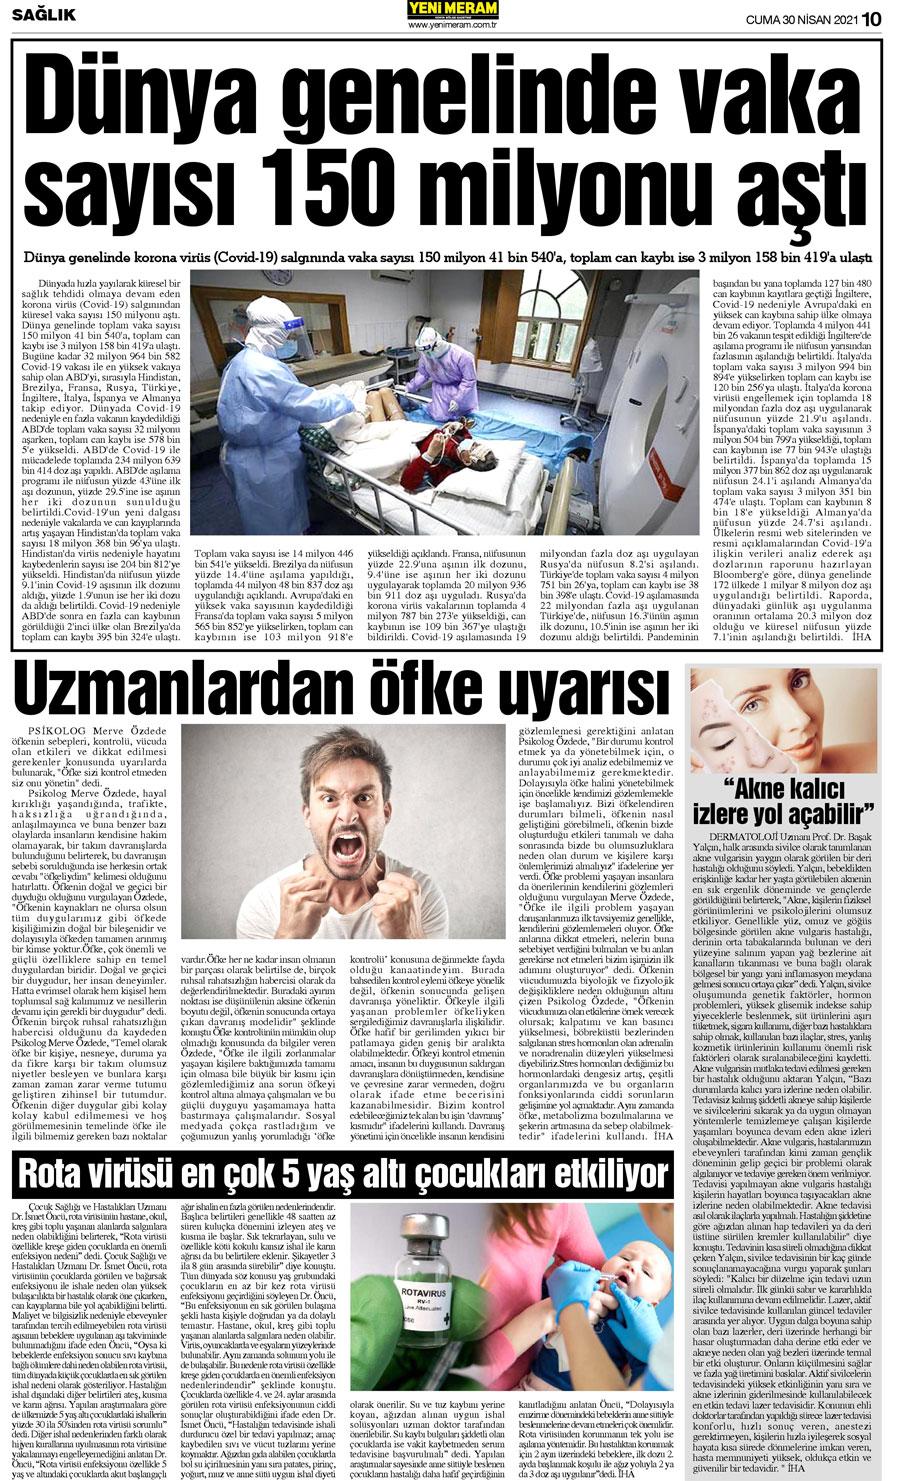 30 Nisan 2021 Yeni Meram Gazetesi